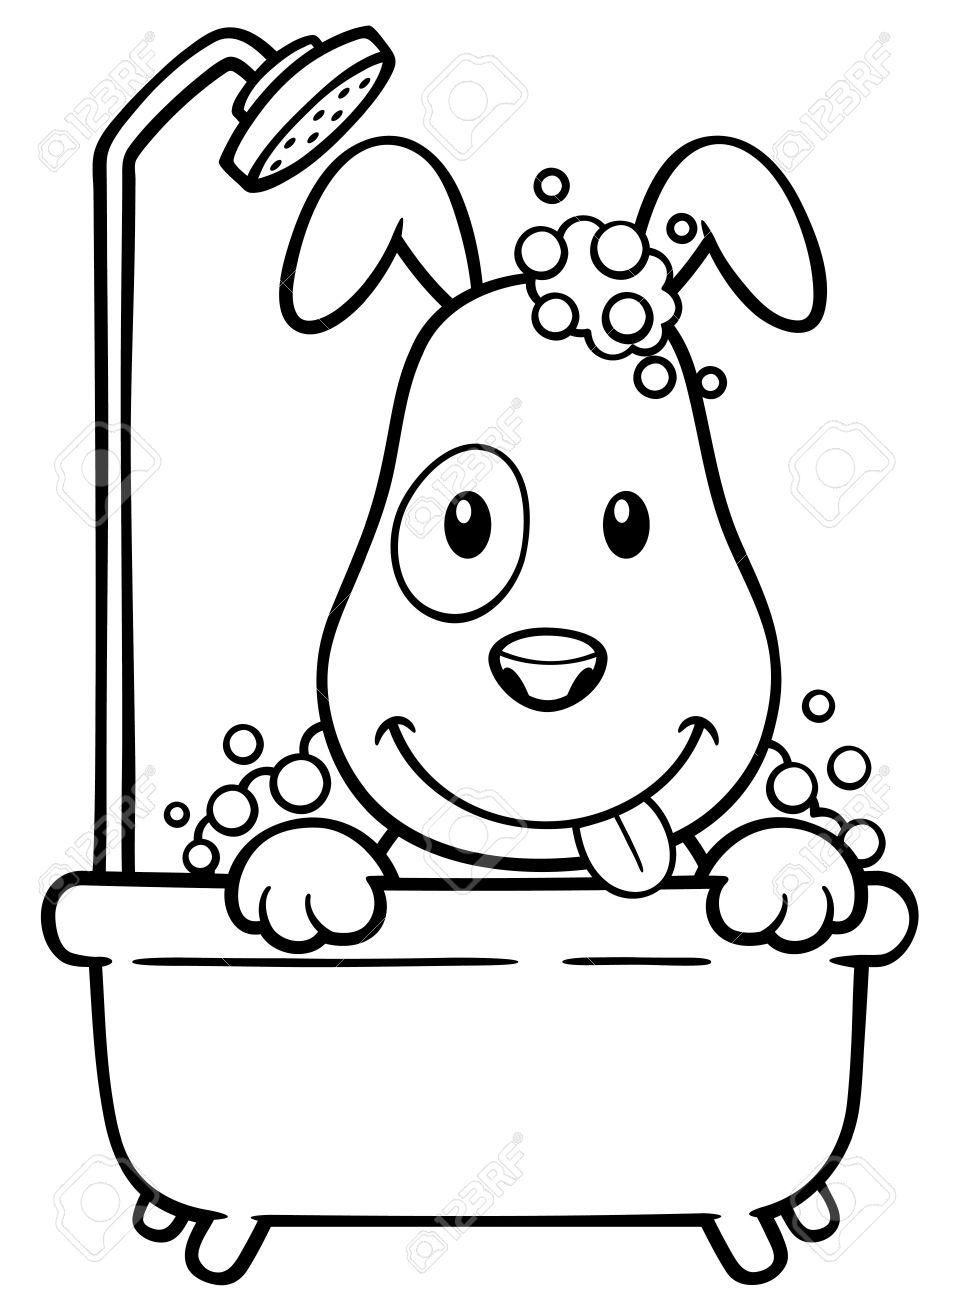 Dibujo De Un Perro Animado Para Colorear Apanageetcom